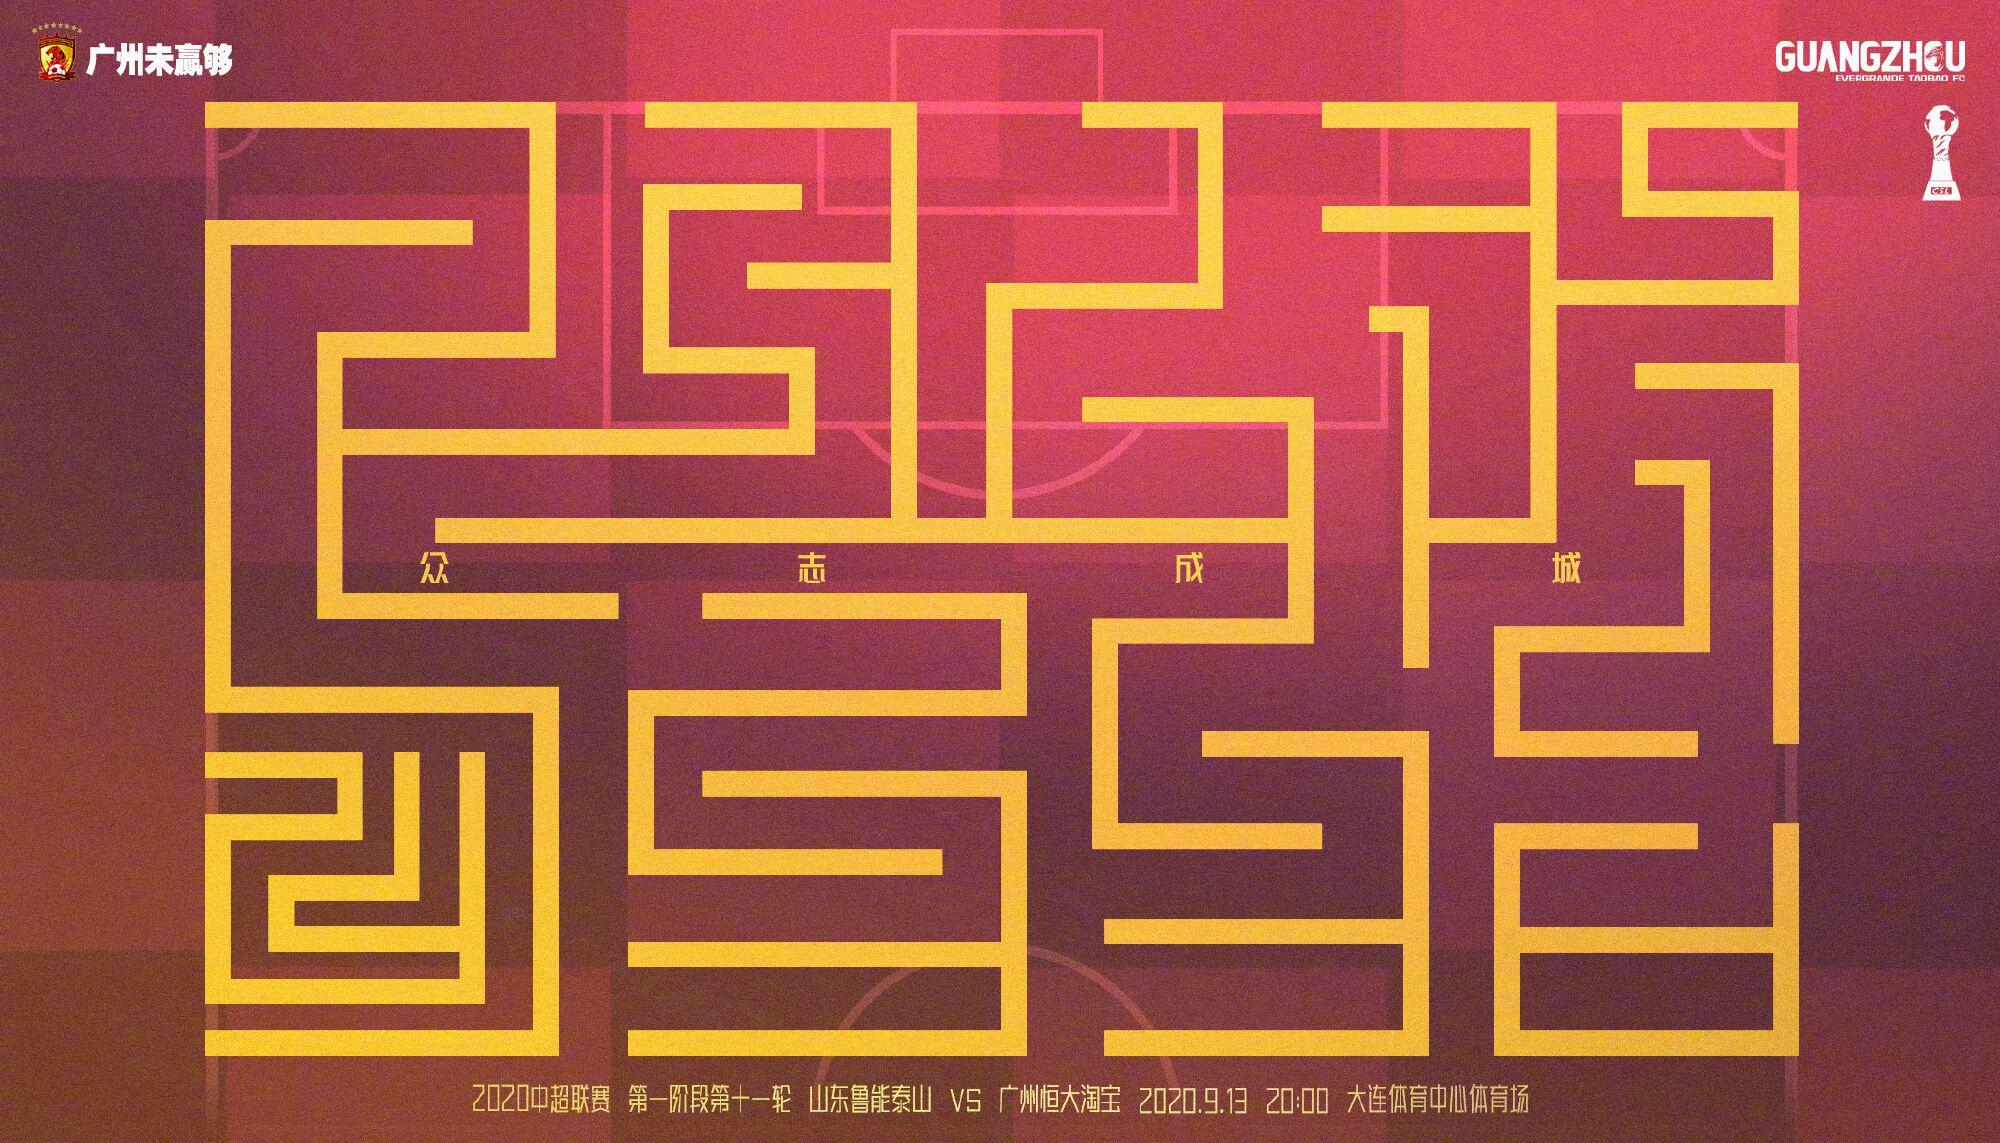 鲁能vs恒大:王大雷首发,费南多搭档艾克森洛国富替补